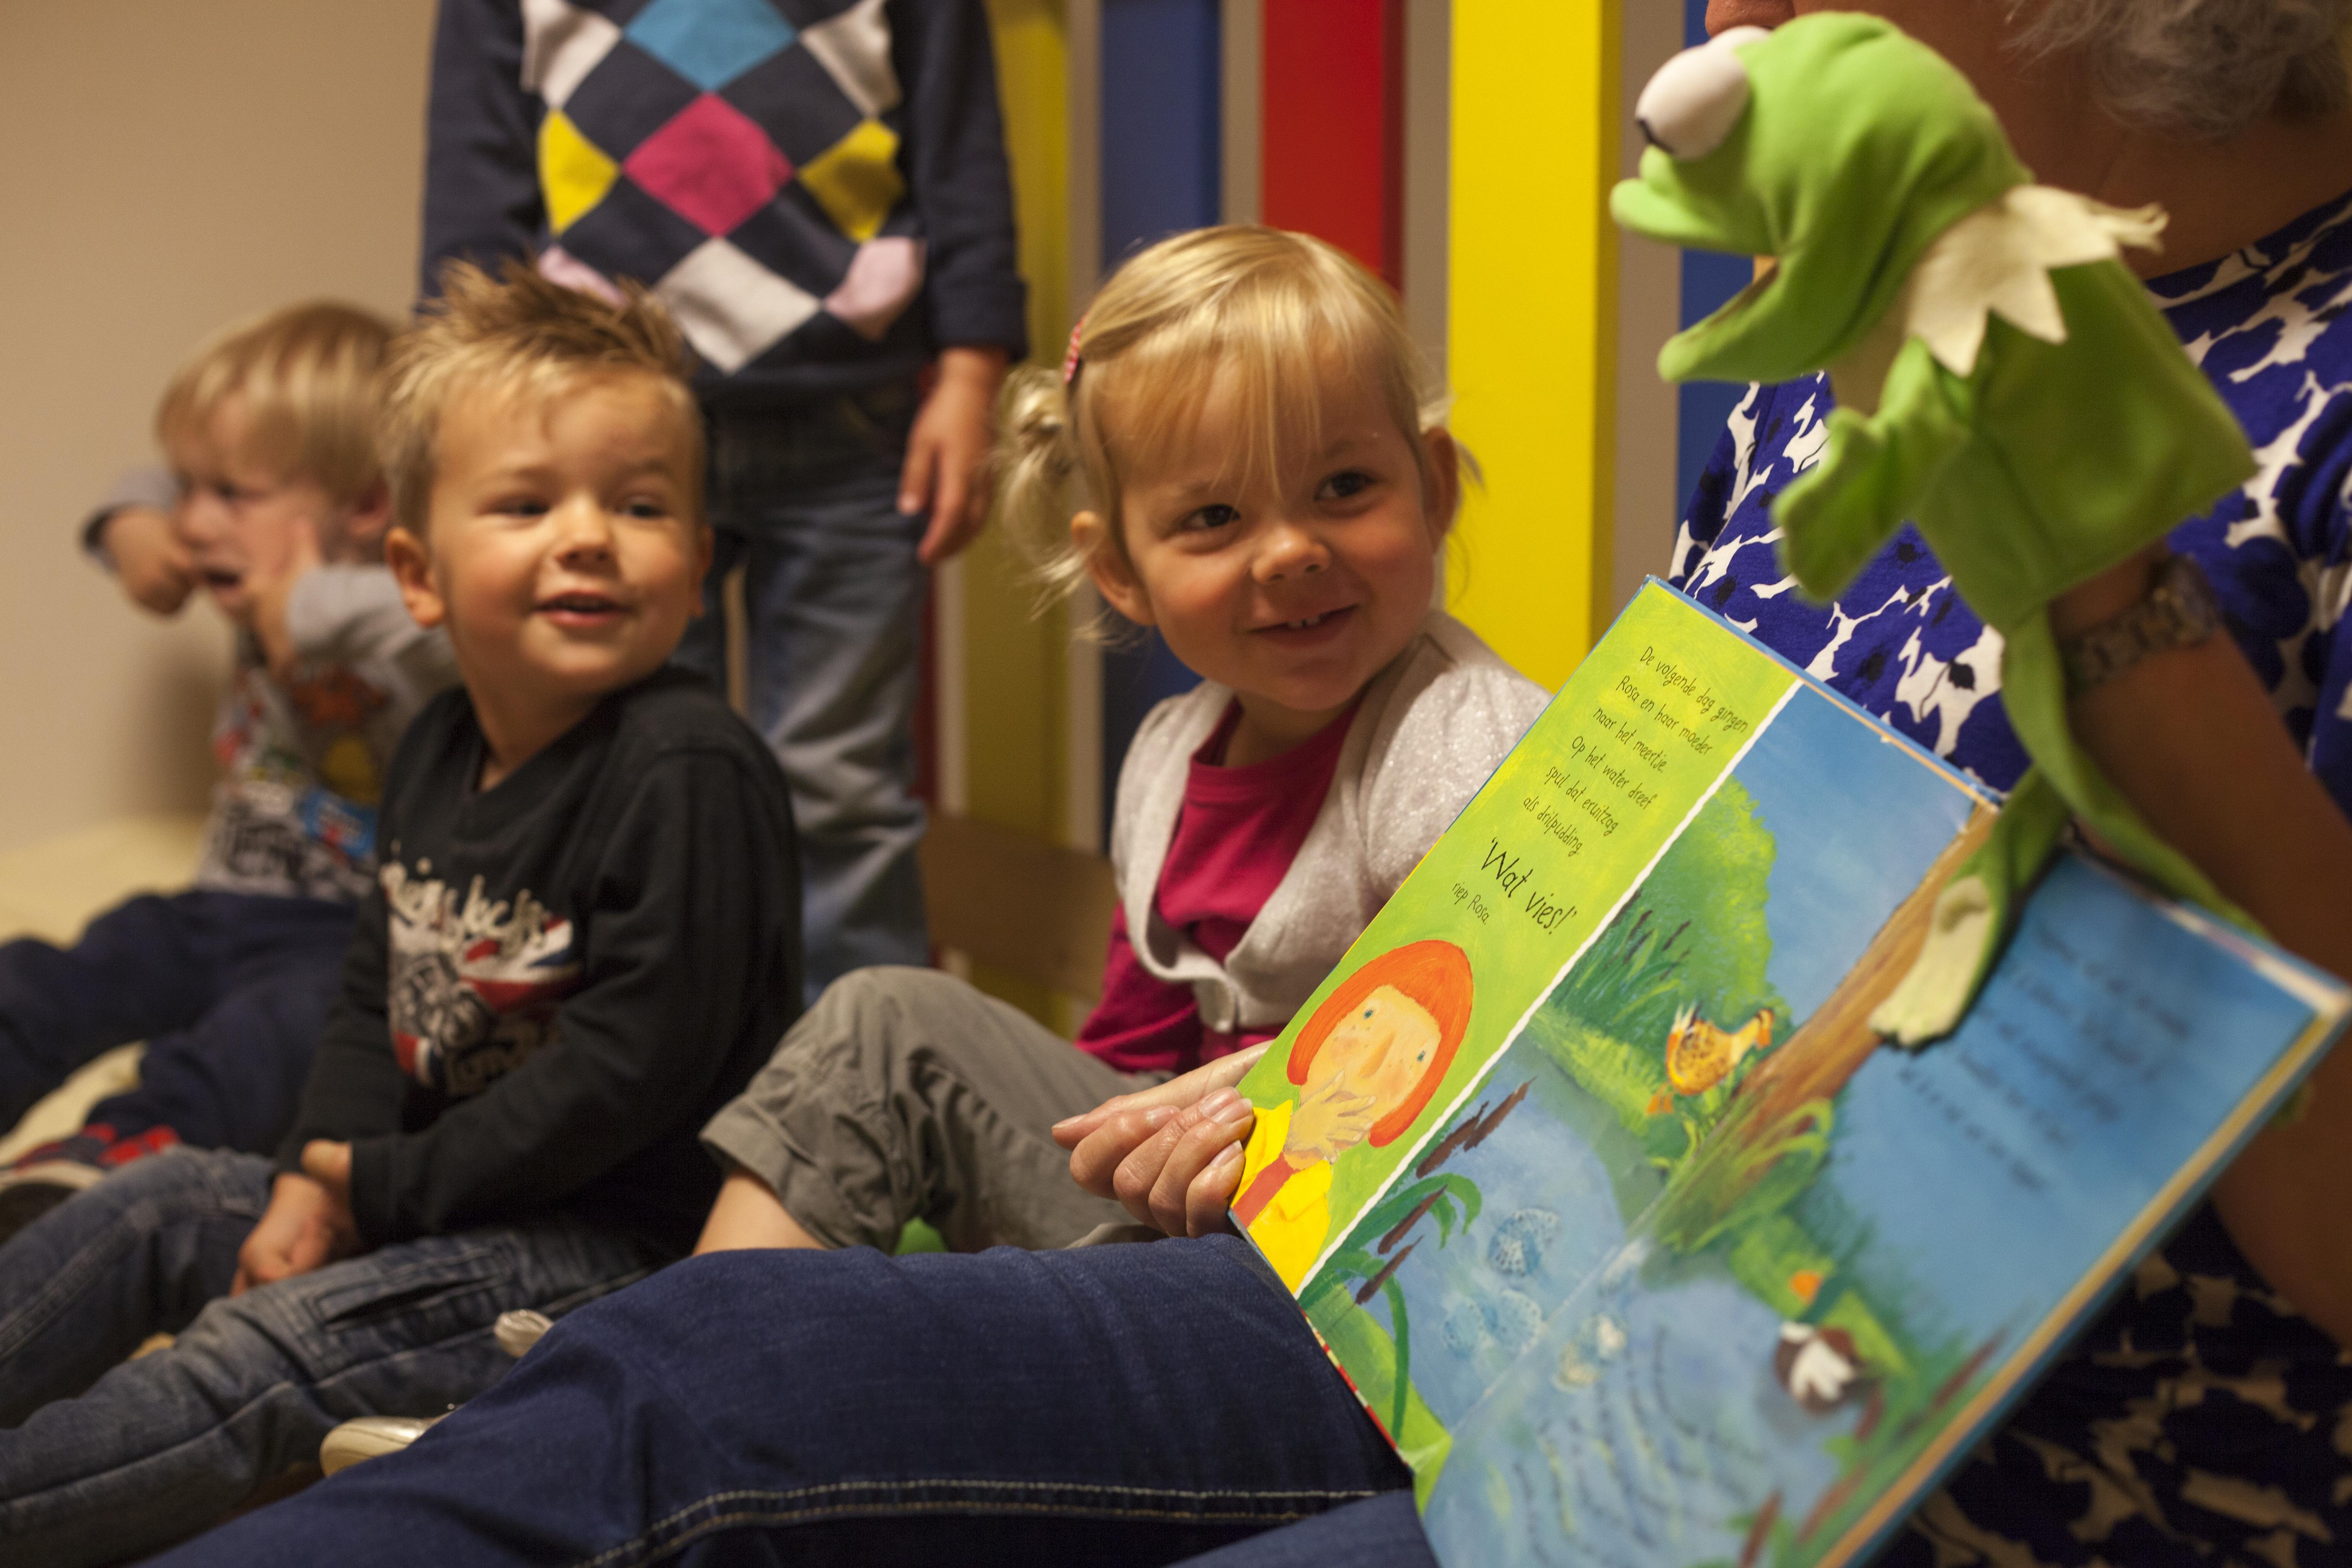 Peuteropvang 't kwetternest in Stavoren - Kids First COP groep